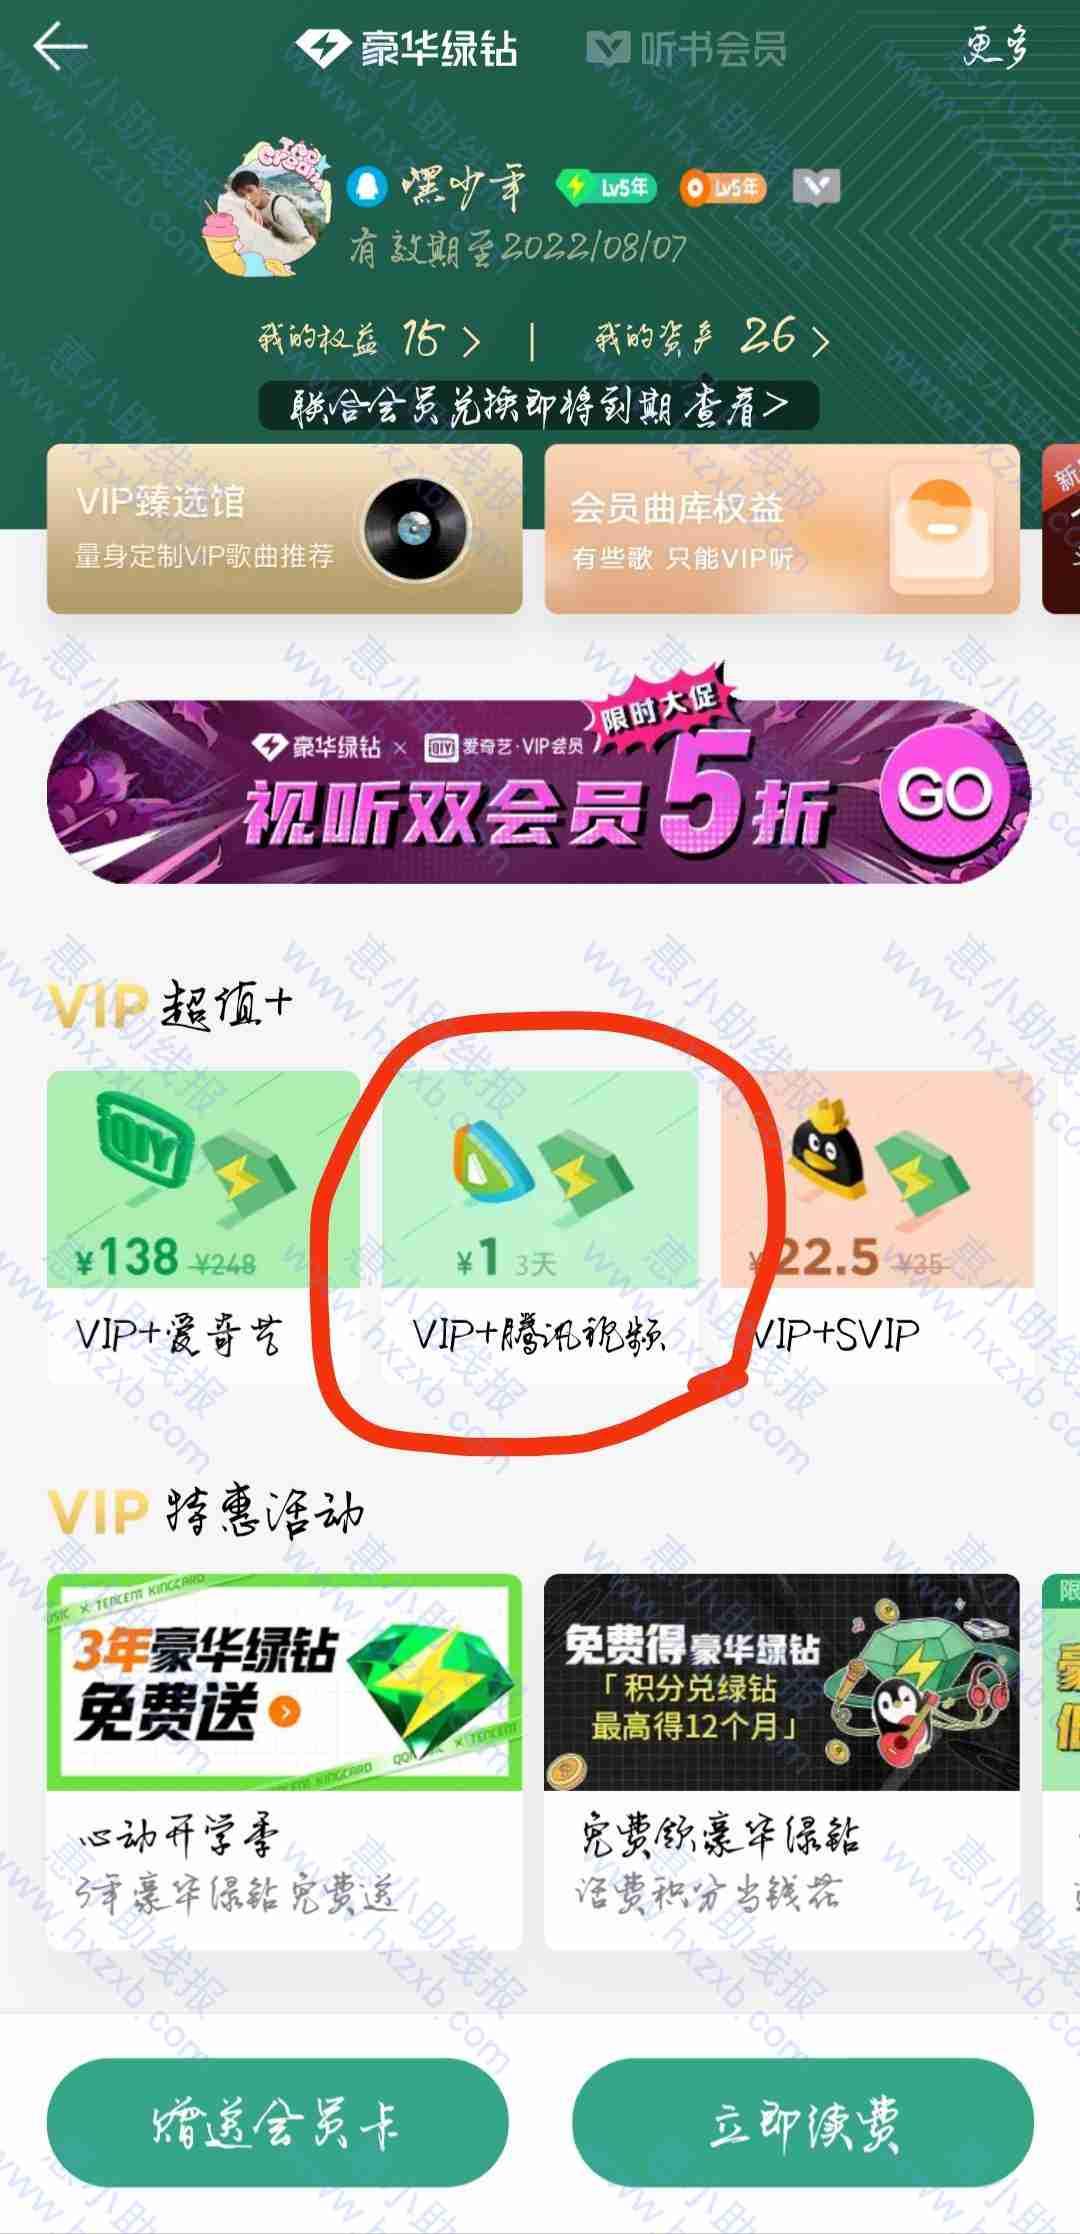 必得QQ音乐会员+腾讯视频会员9天